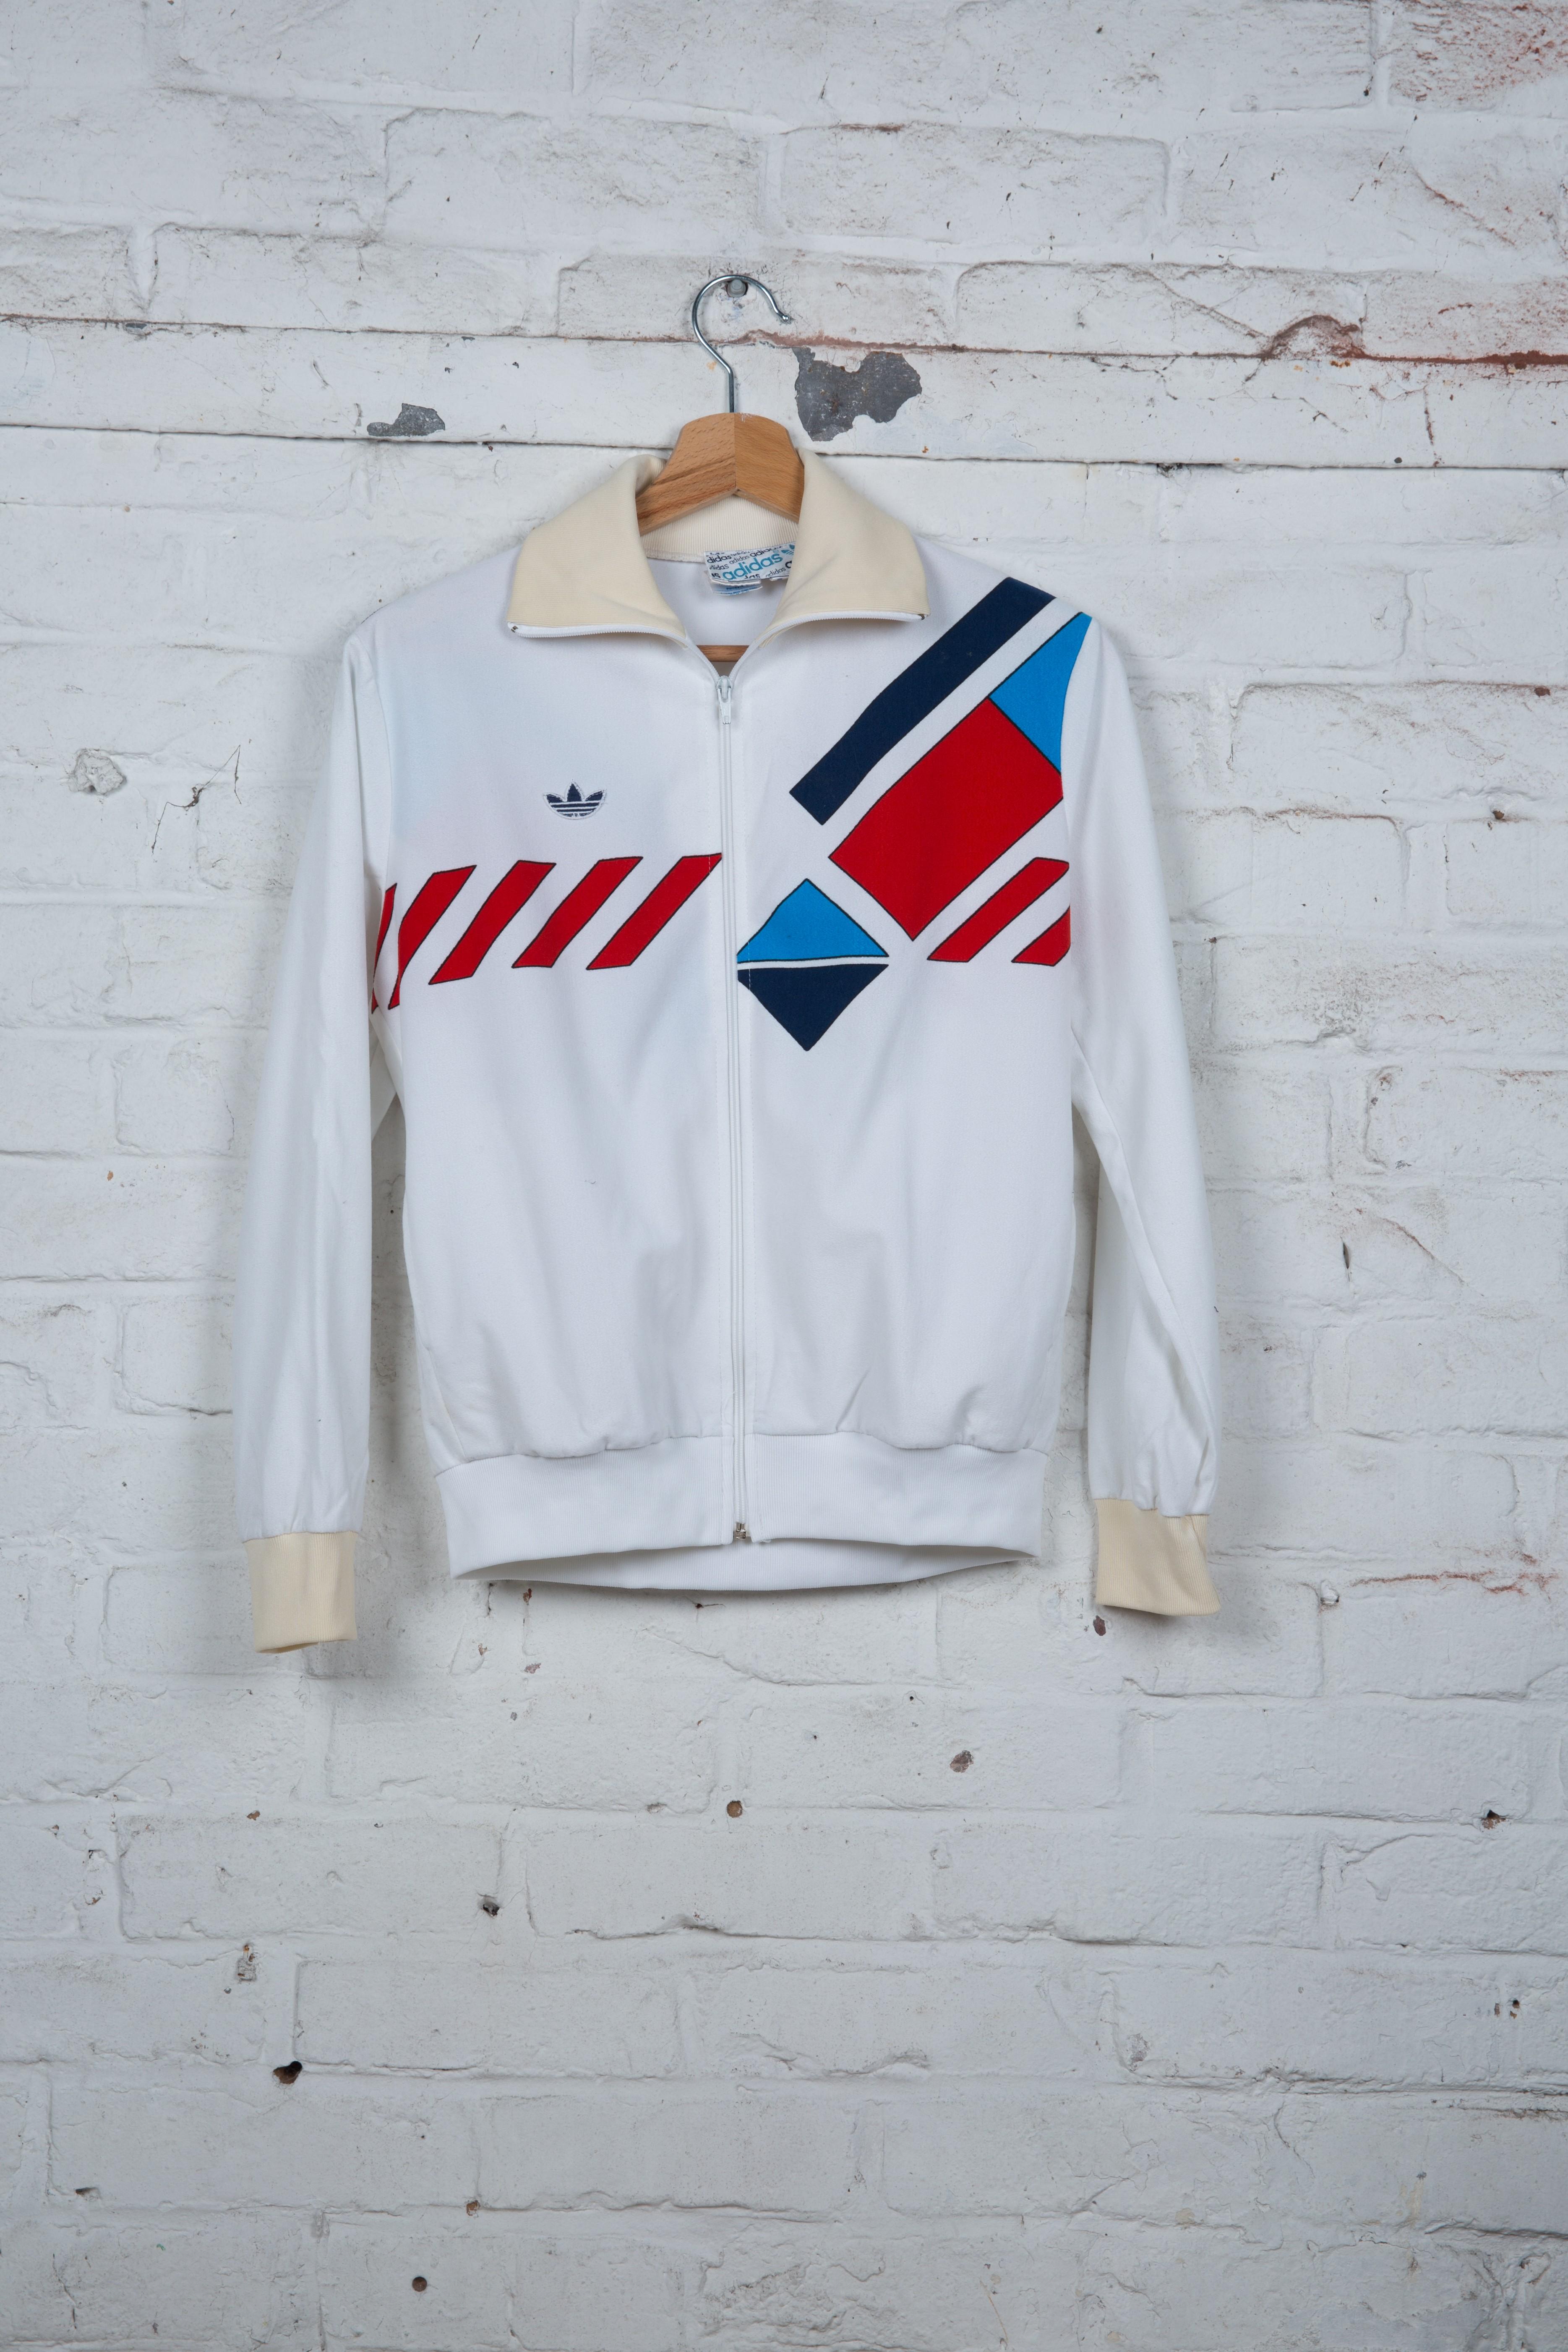 Veste de Jogging Adidas Vintage Blanc Rouge Bleu